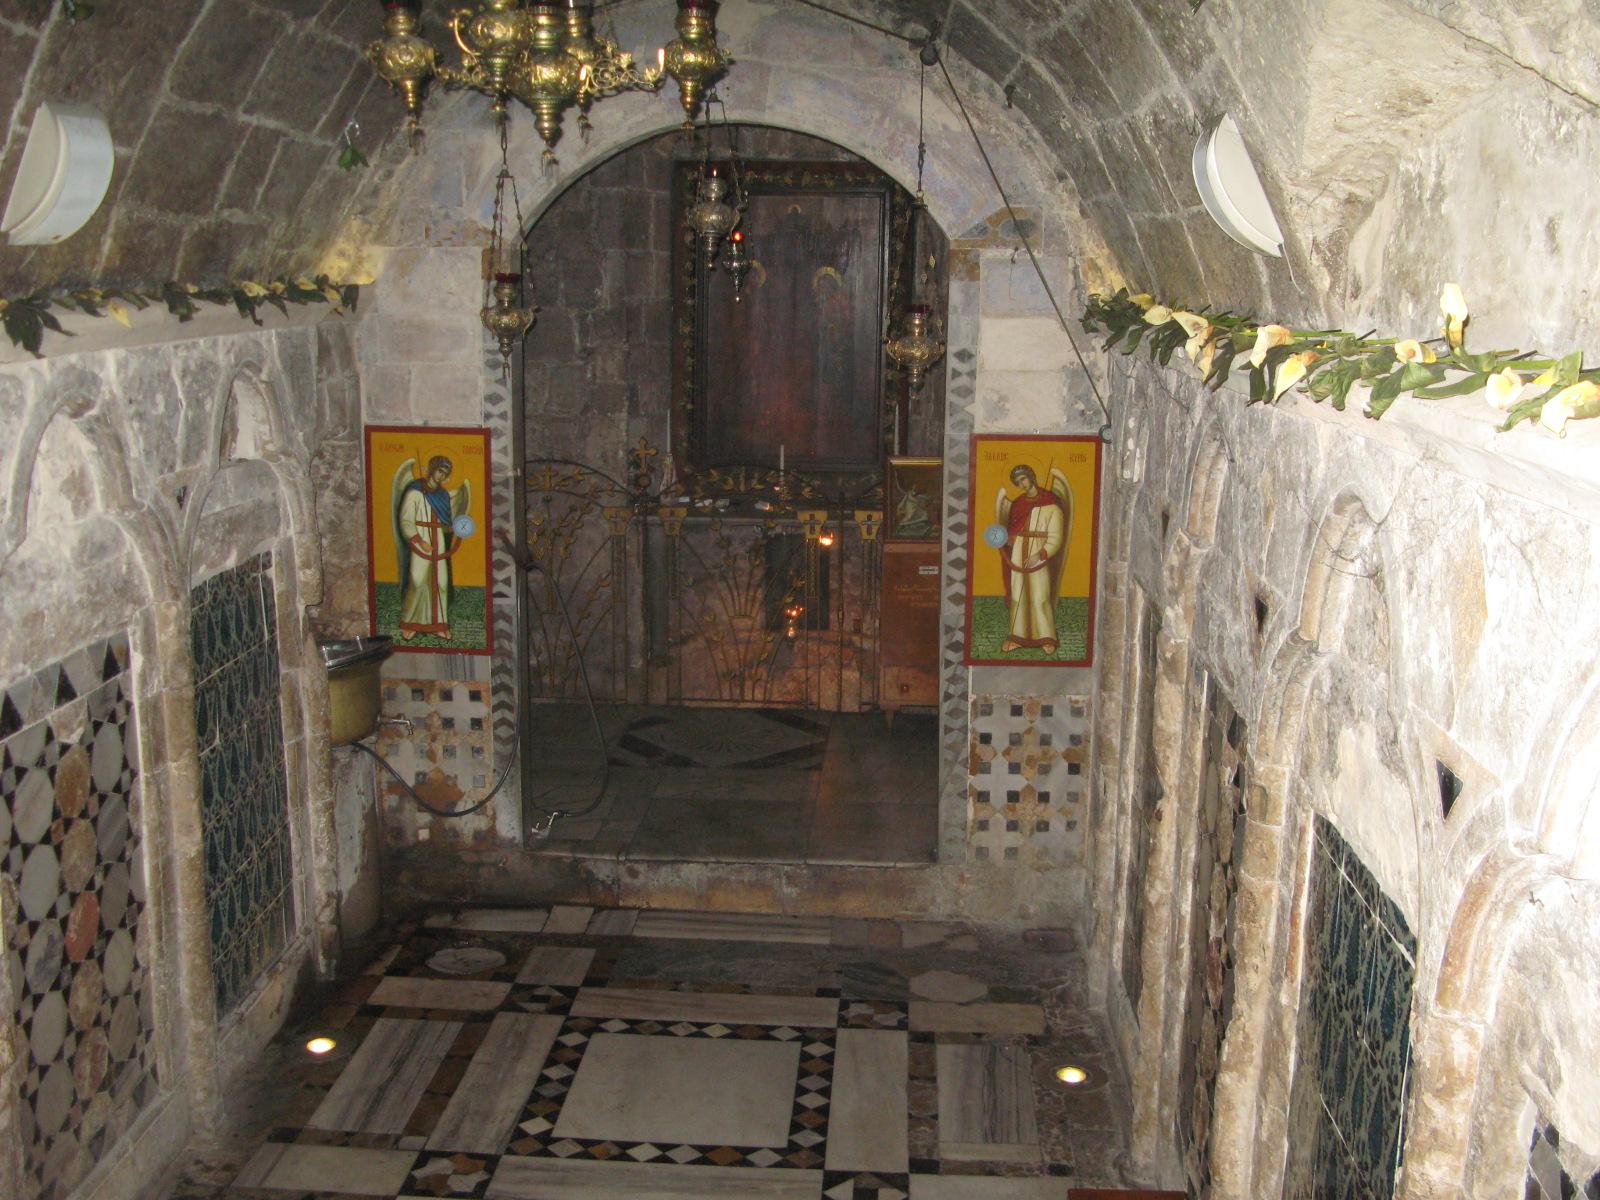 ქველი, იერუსალიმი, წმინდა მიწა, ტური იერუსალიმში, ვირტუალური ტური, ქველიბლოგი, ქველიპოსტი, qwelly, blog, jerusalem, ierusalimi, qwellypost, qwellyblog, turi ierusalimshi, tour, wminda miwa, holy land